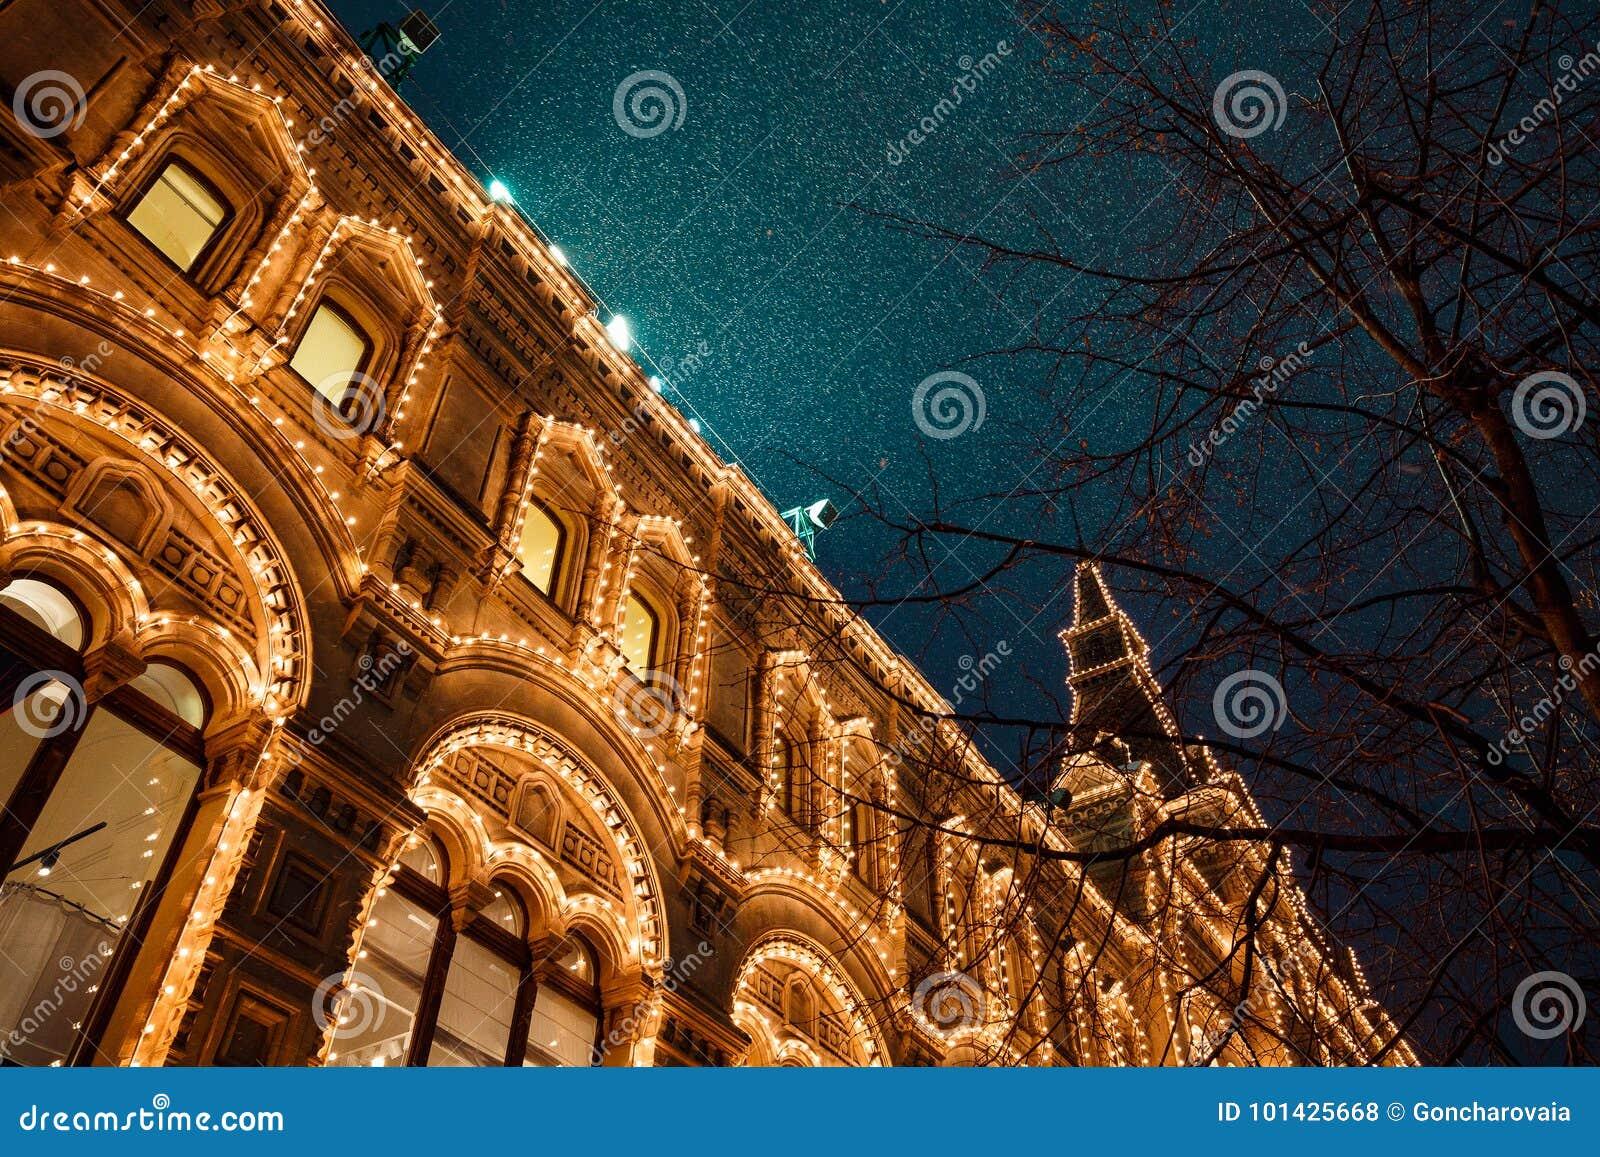 Εορταστικοί φωτισμοί στις οδούς της πόλης Νέα διακόσμηση φω των έτους και Χριστουγέννων στη χιονώδη νύχτα, κόκκινη πλατεία, Μόσχα